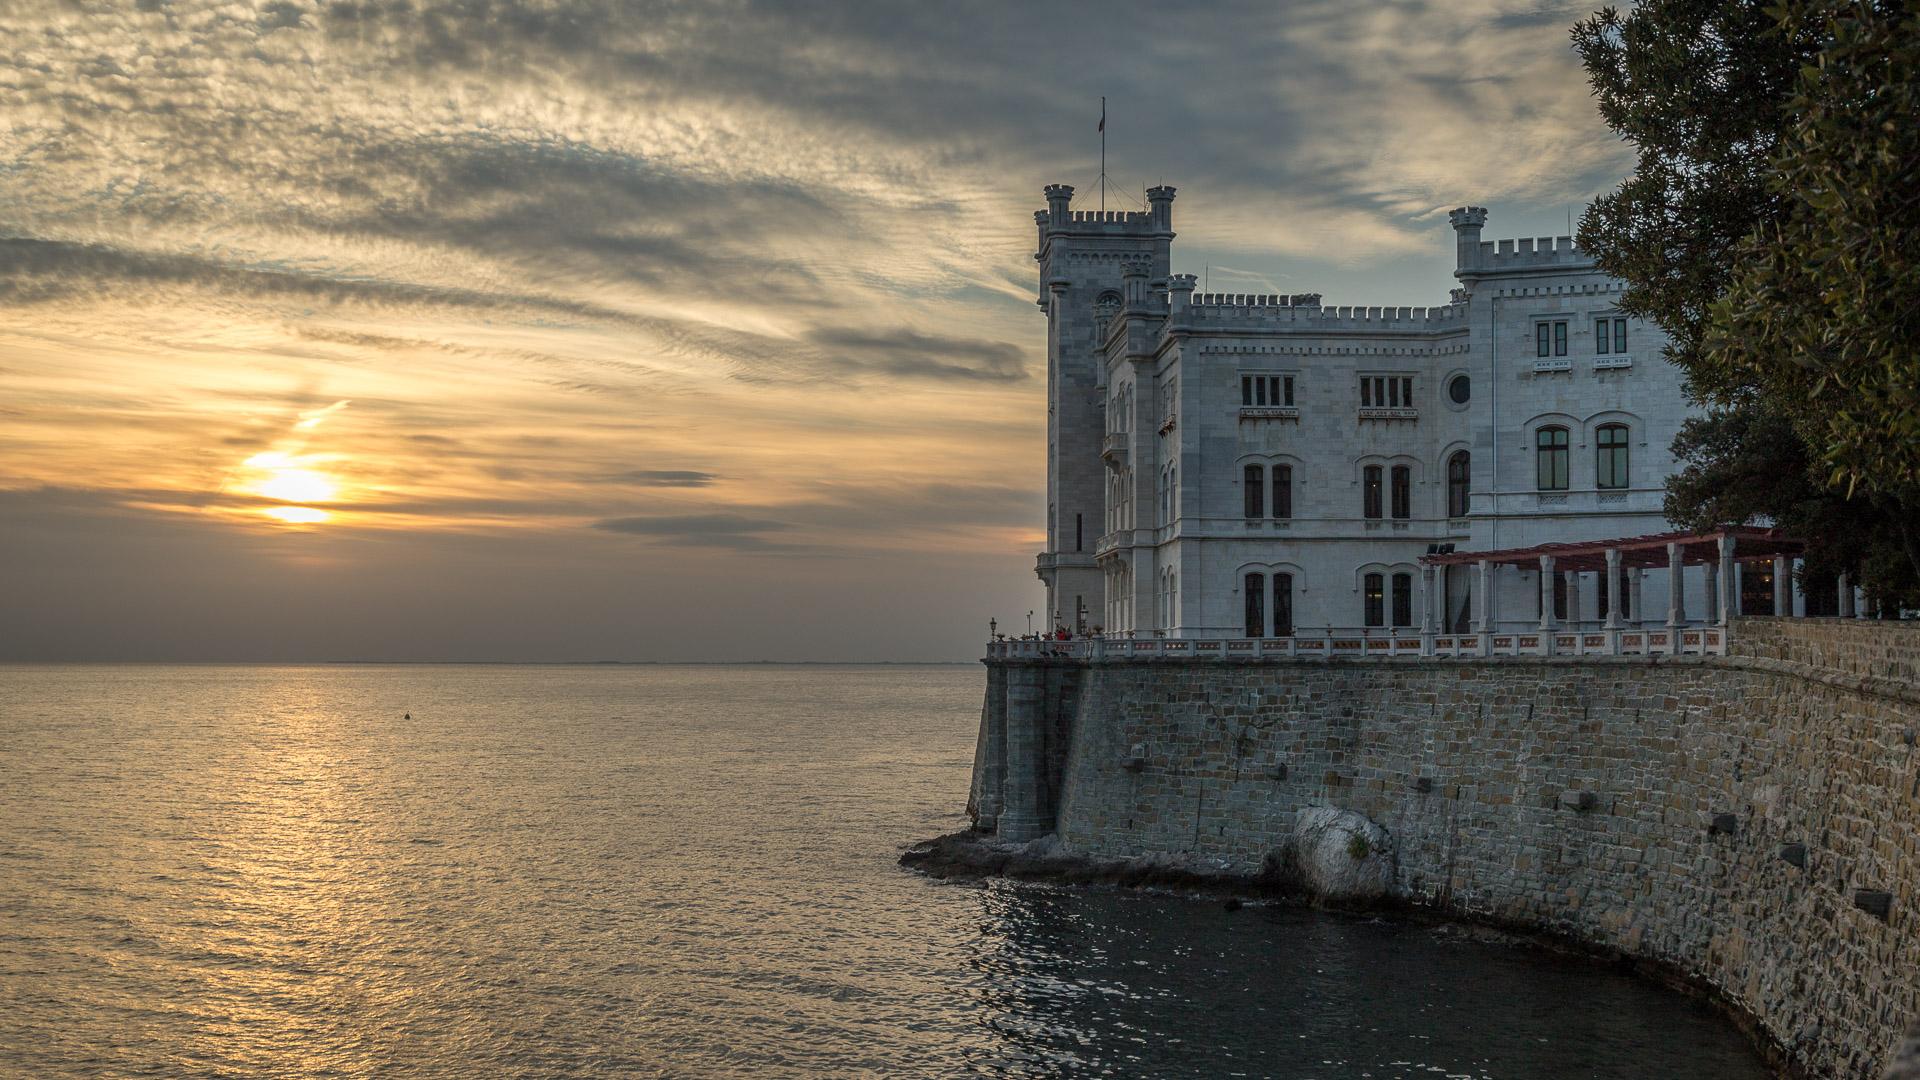 Castello di Miramare im Sonnenuntergang